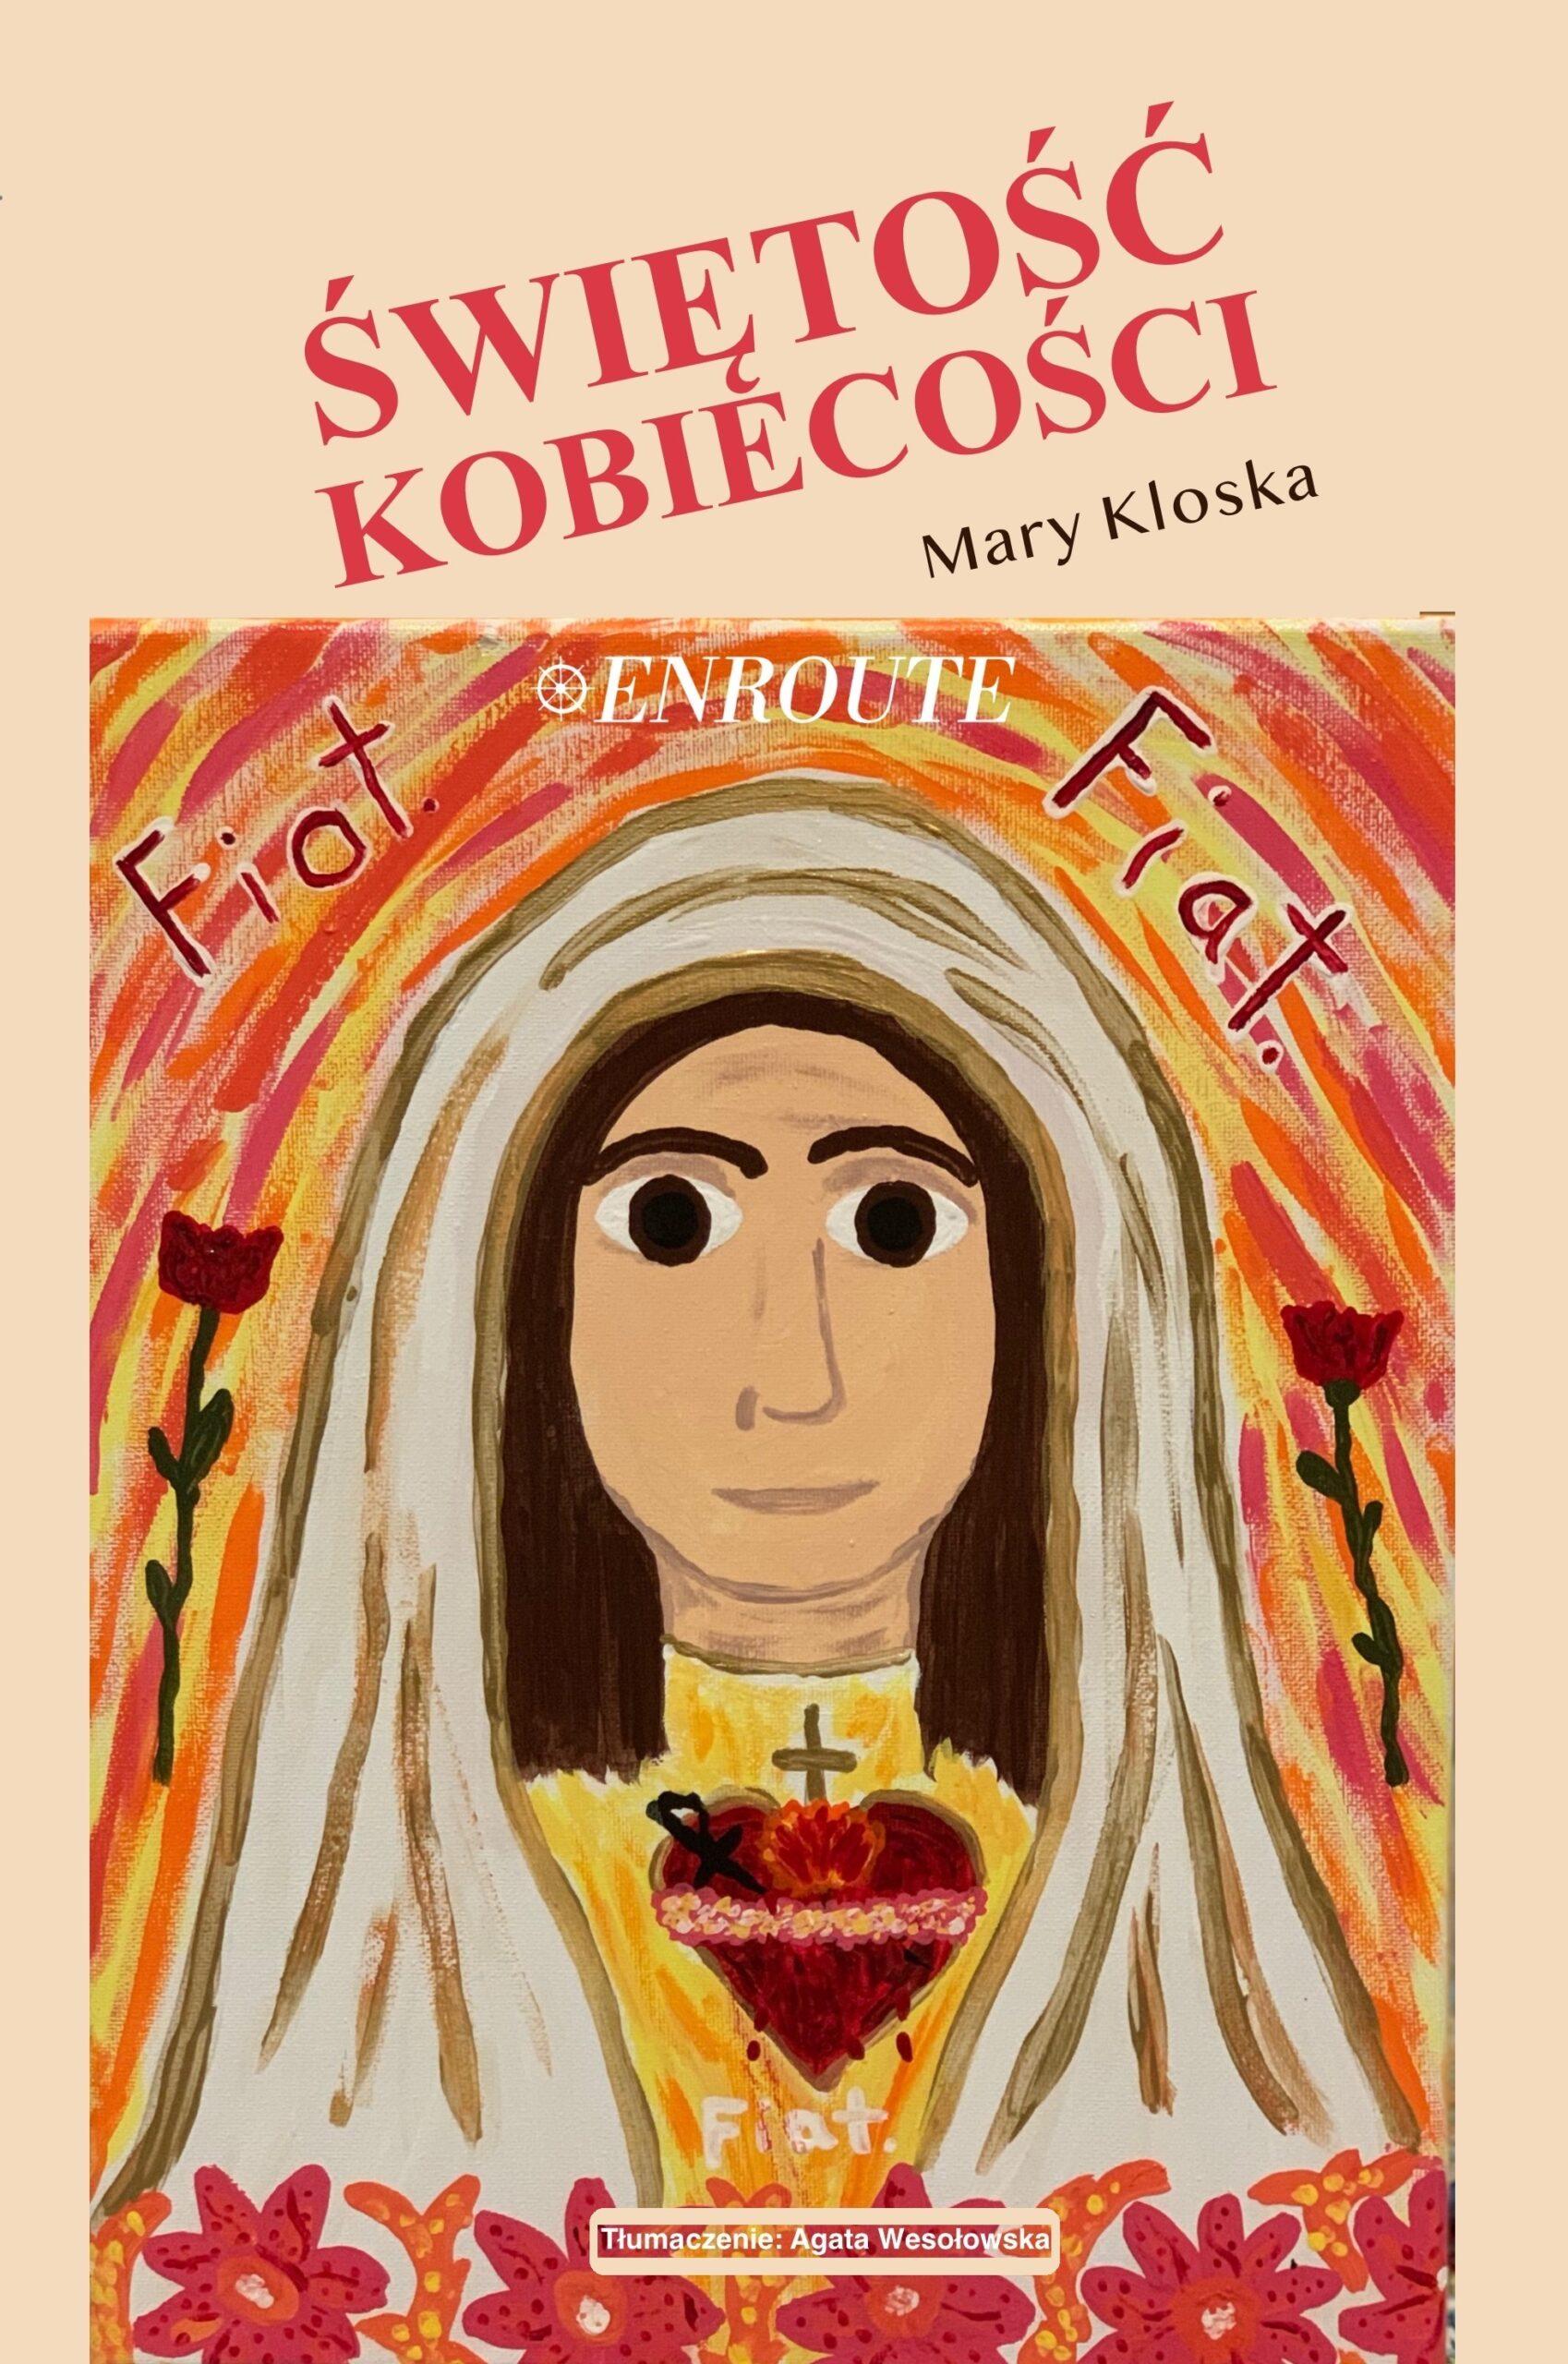 ŚWIĘTOŚĆ KOBIECOŚCI by Mary Kloska